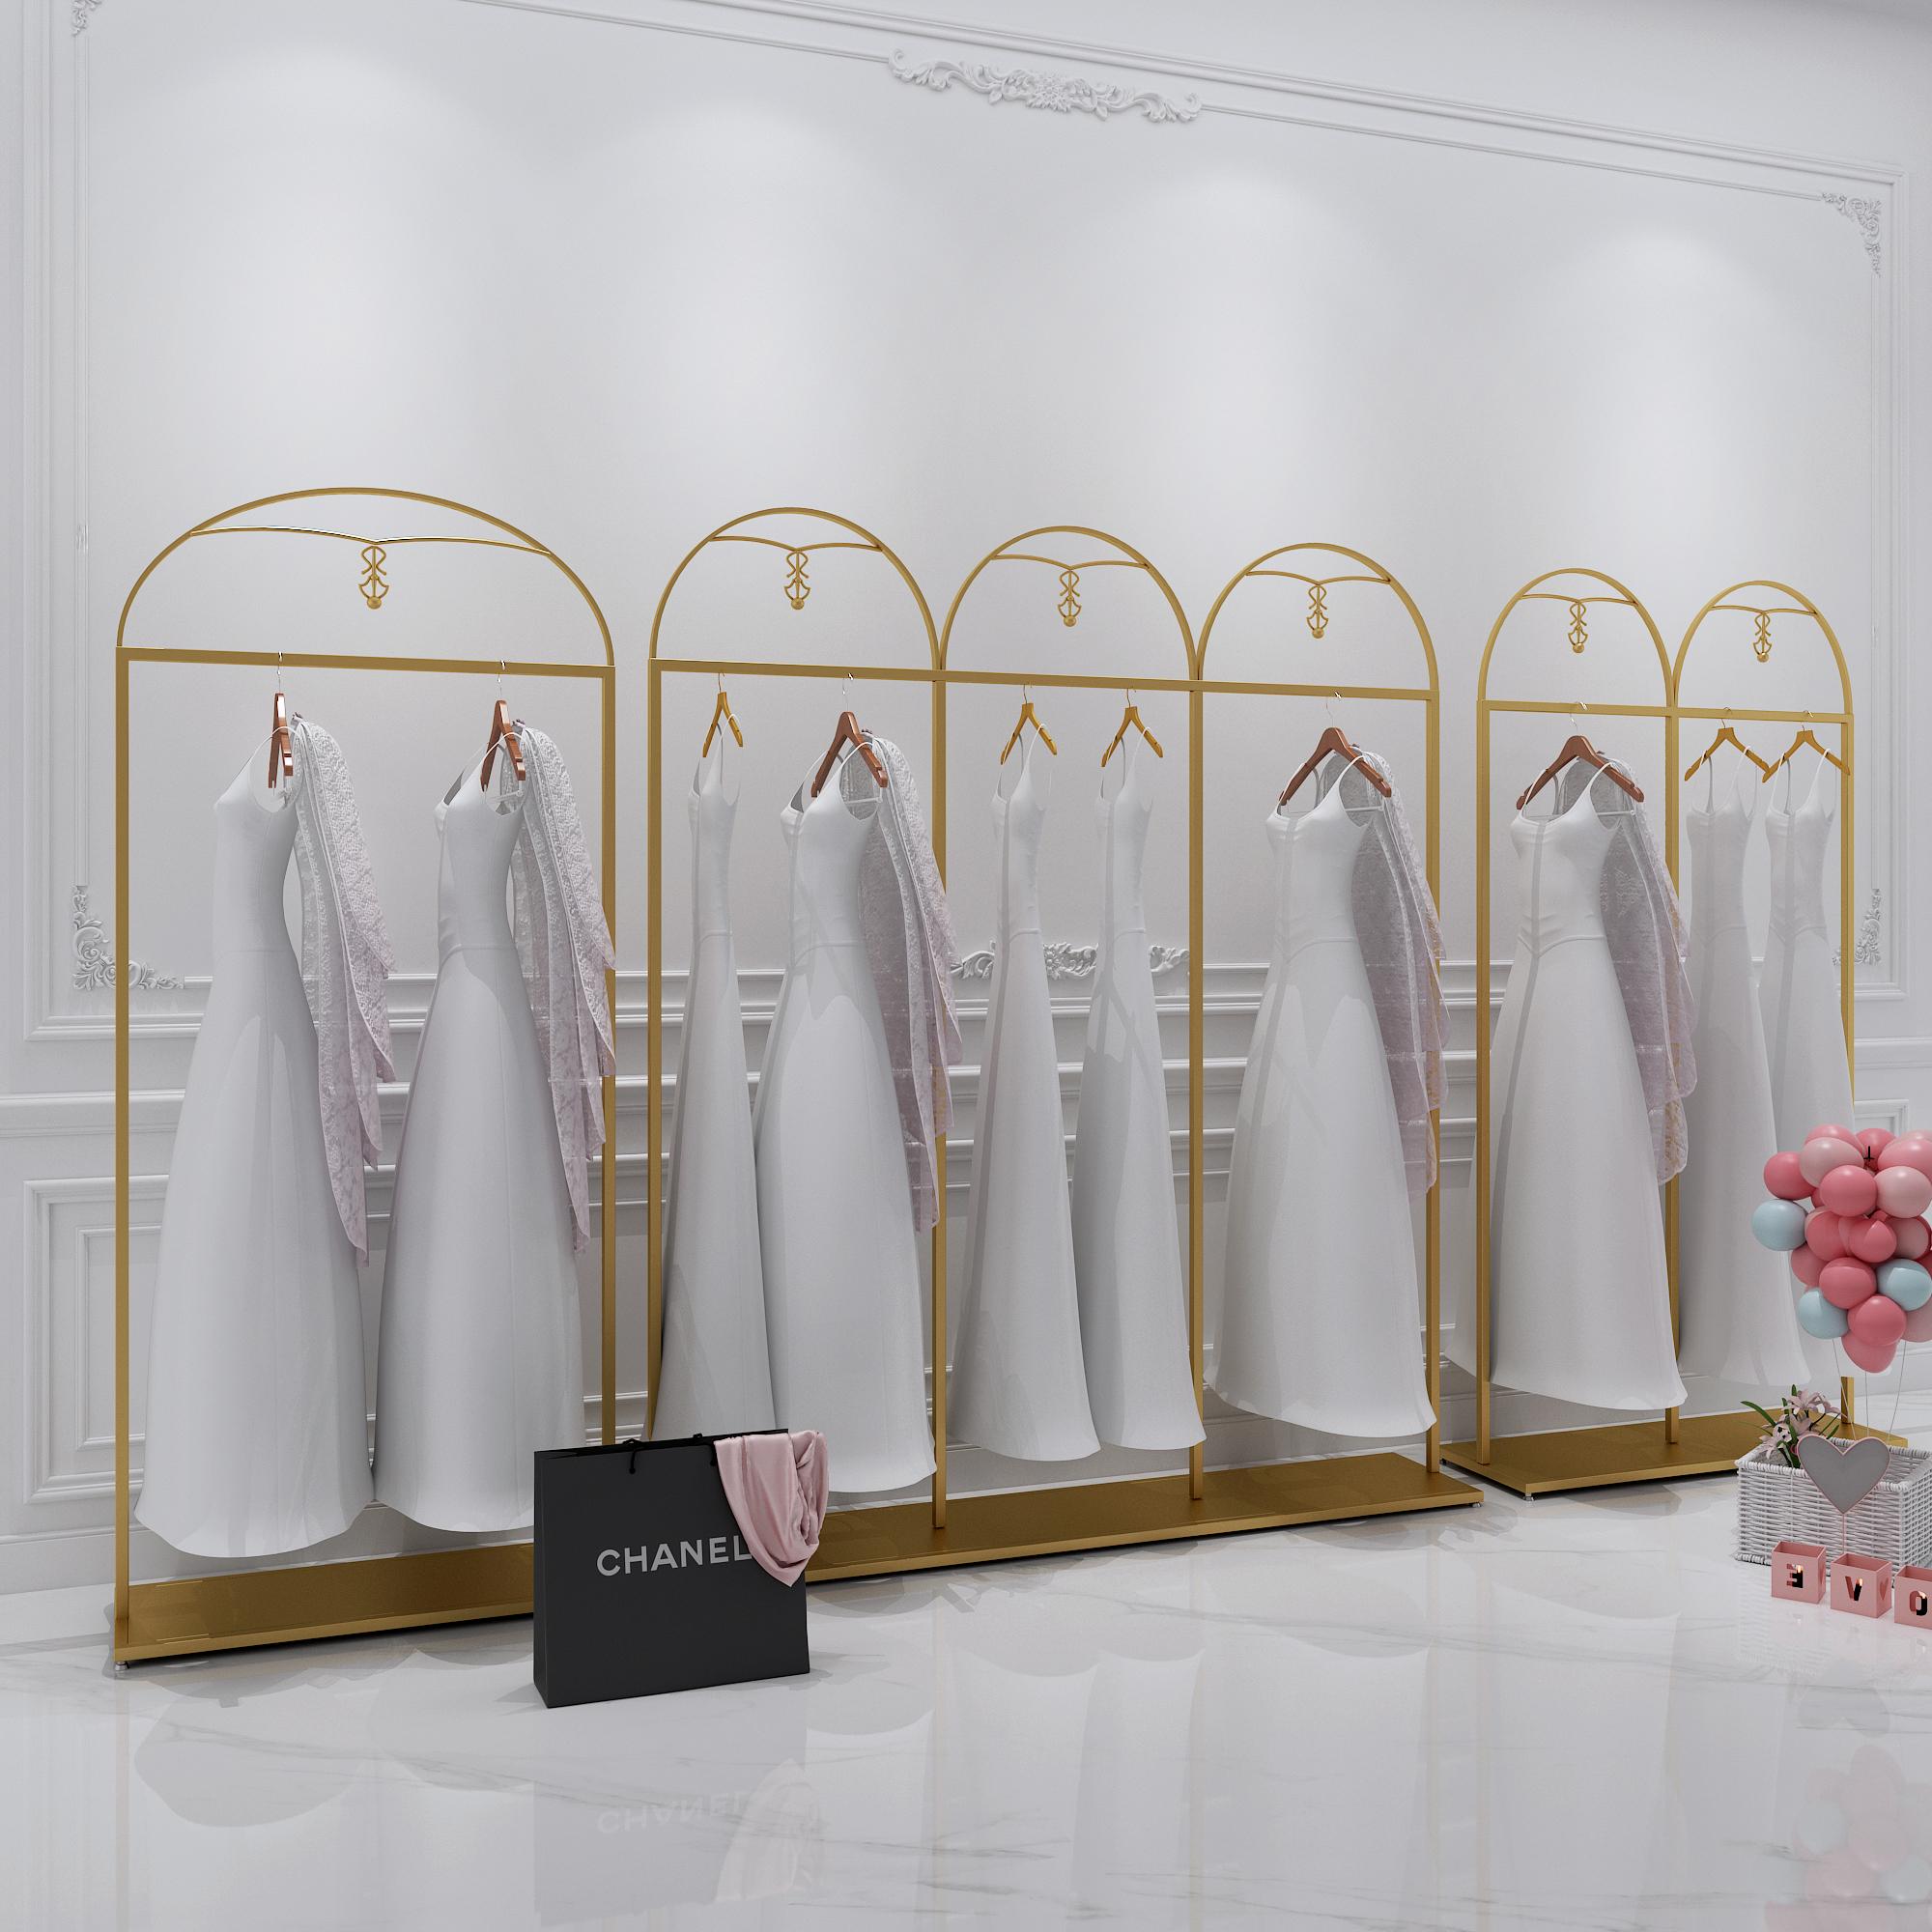 婚纱架高档礼服旗袍展示架 秀禾挂婚纱架子落地服装架衣服货架